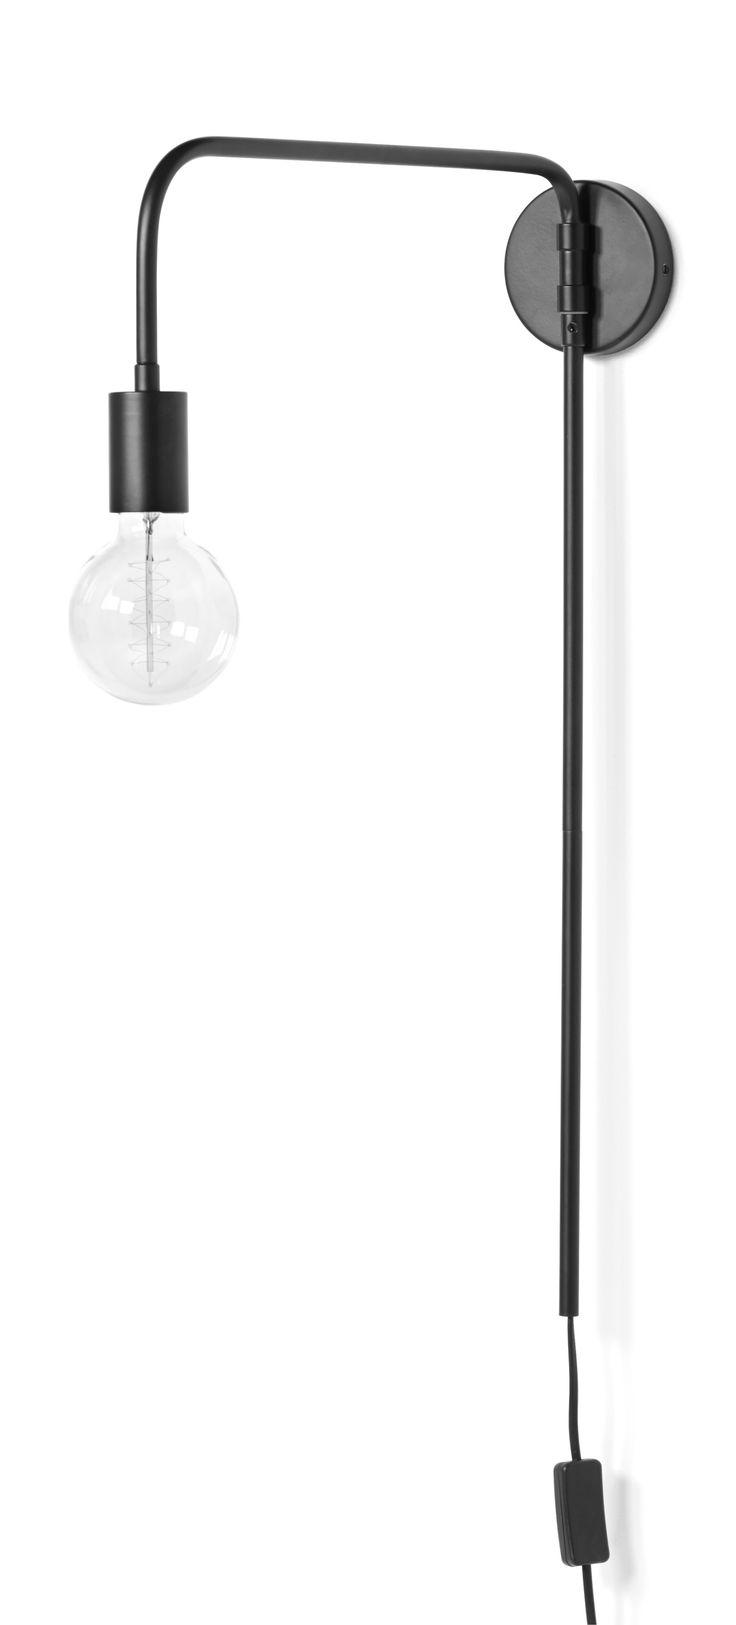 Lättplacerad vägglampa med synlig ljuskälla som ligger rätt i tiden. Du justerar lätt var du vill att ljuskällan ska vara då armen är justerbar i sidled. Toppa lampan med dekorativ ljuskälla för rätt känsla.